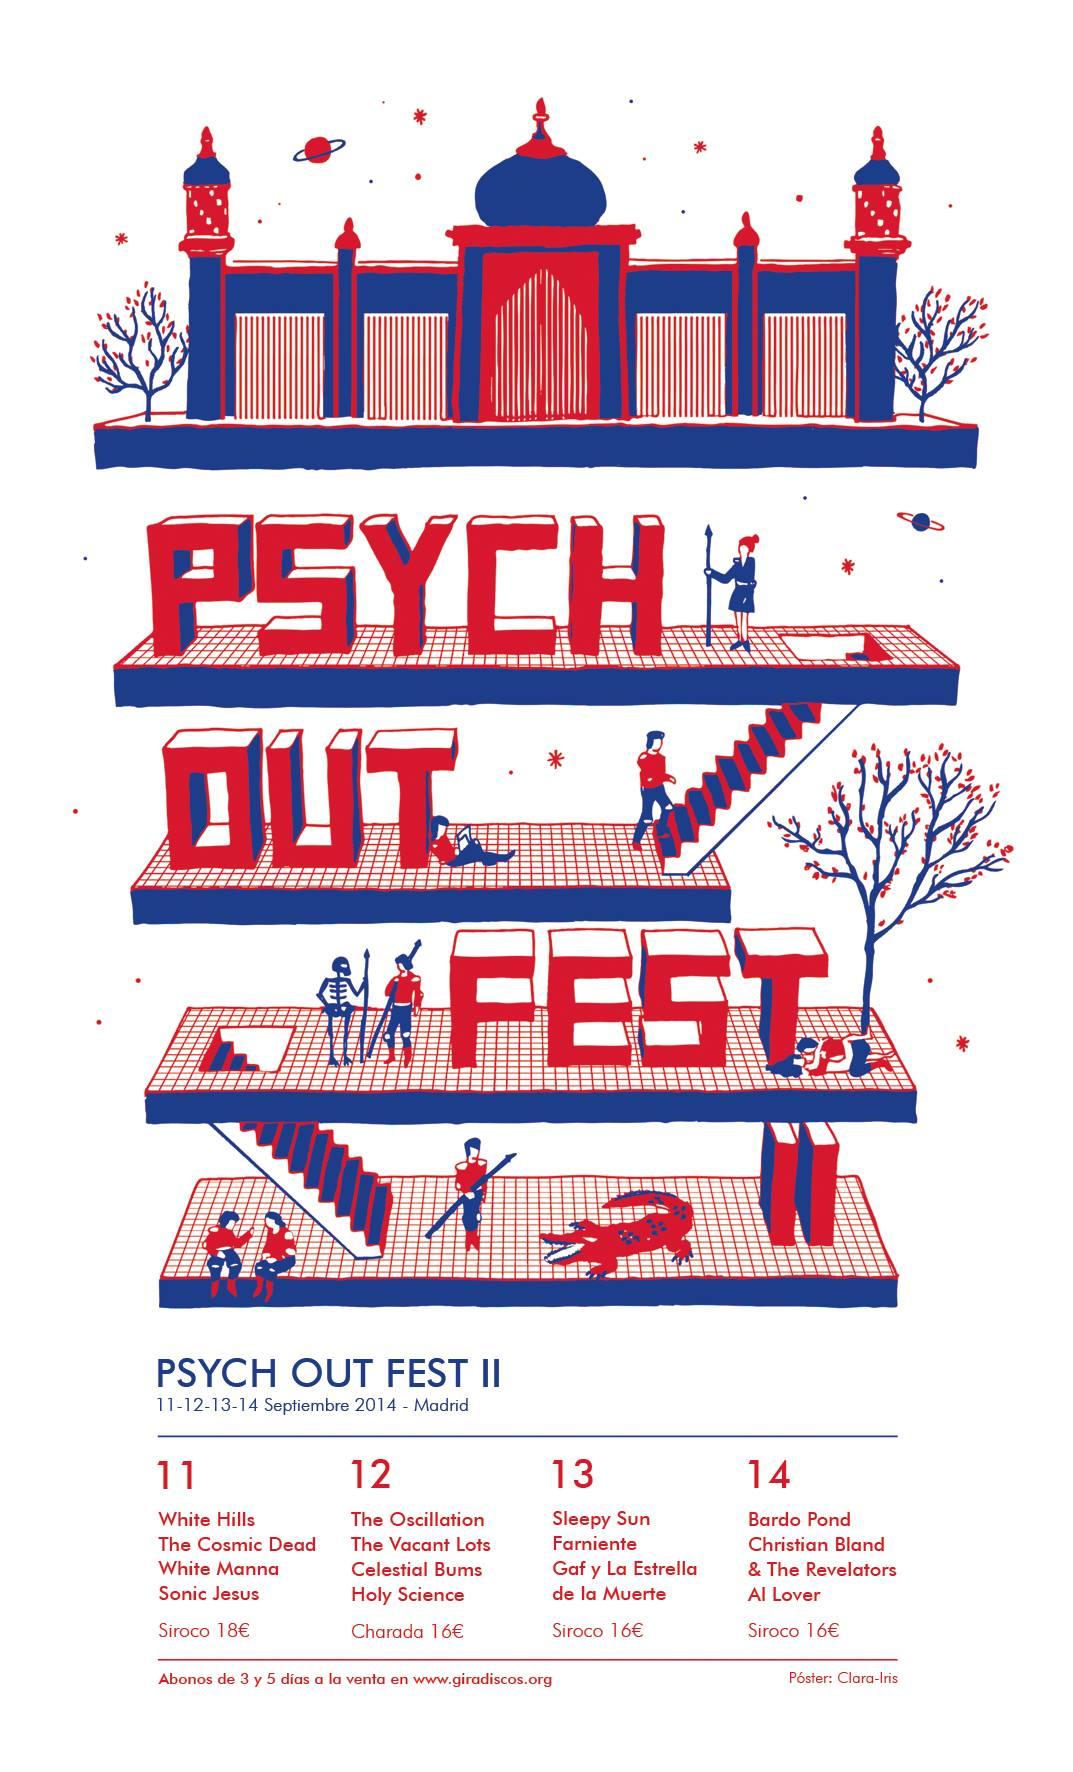 La segunda edición del Psych Out Fest llega a Madrid